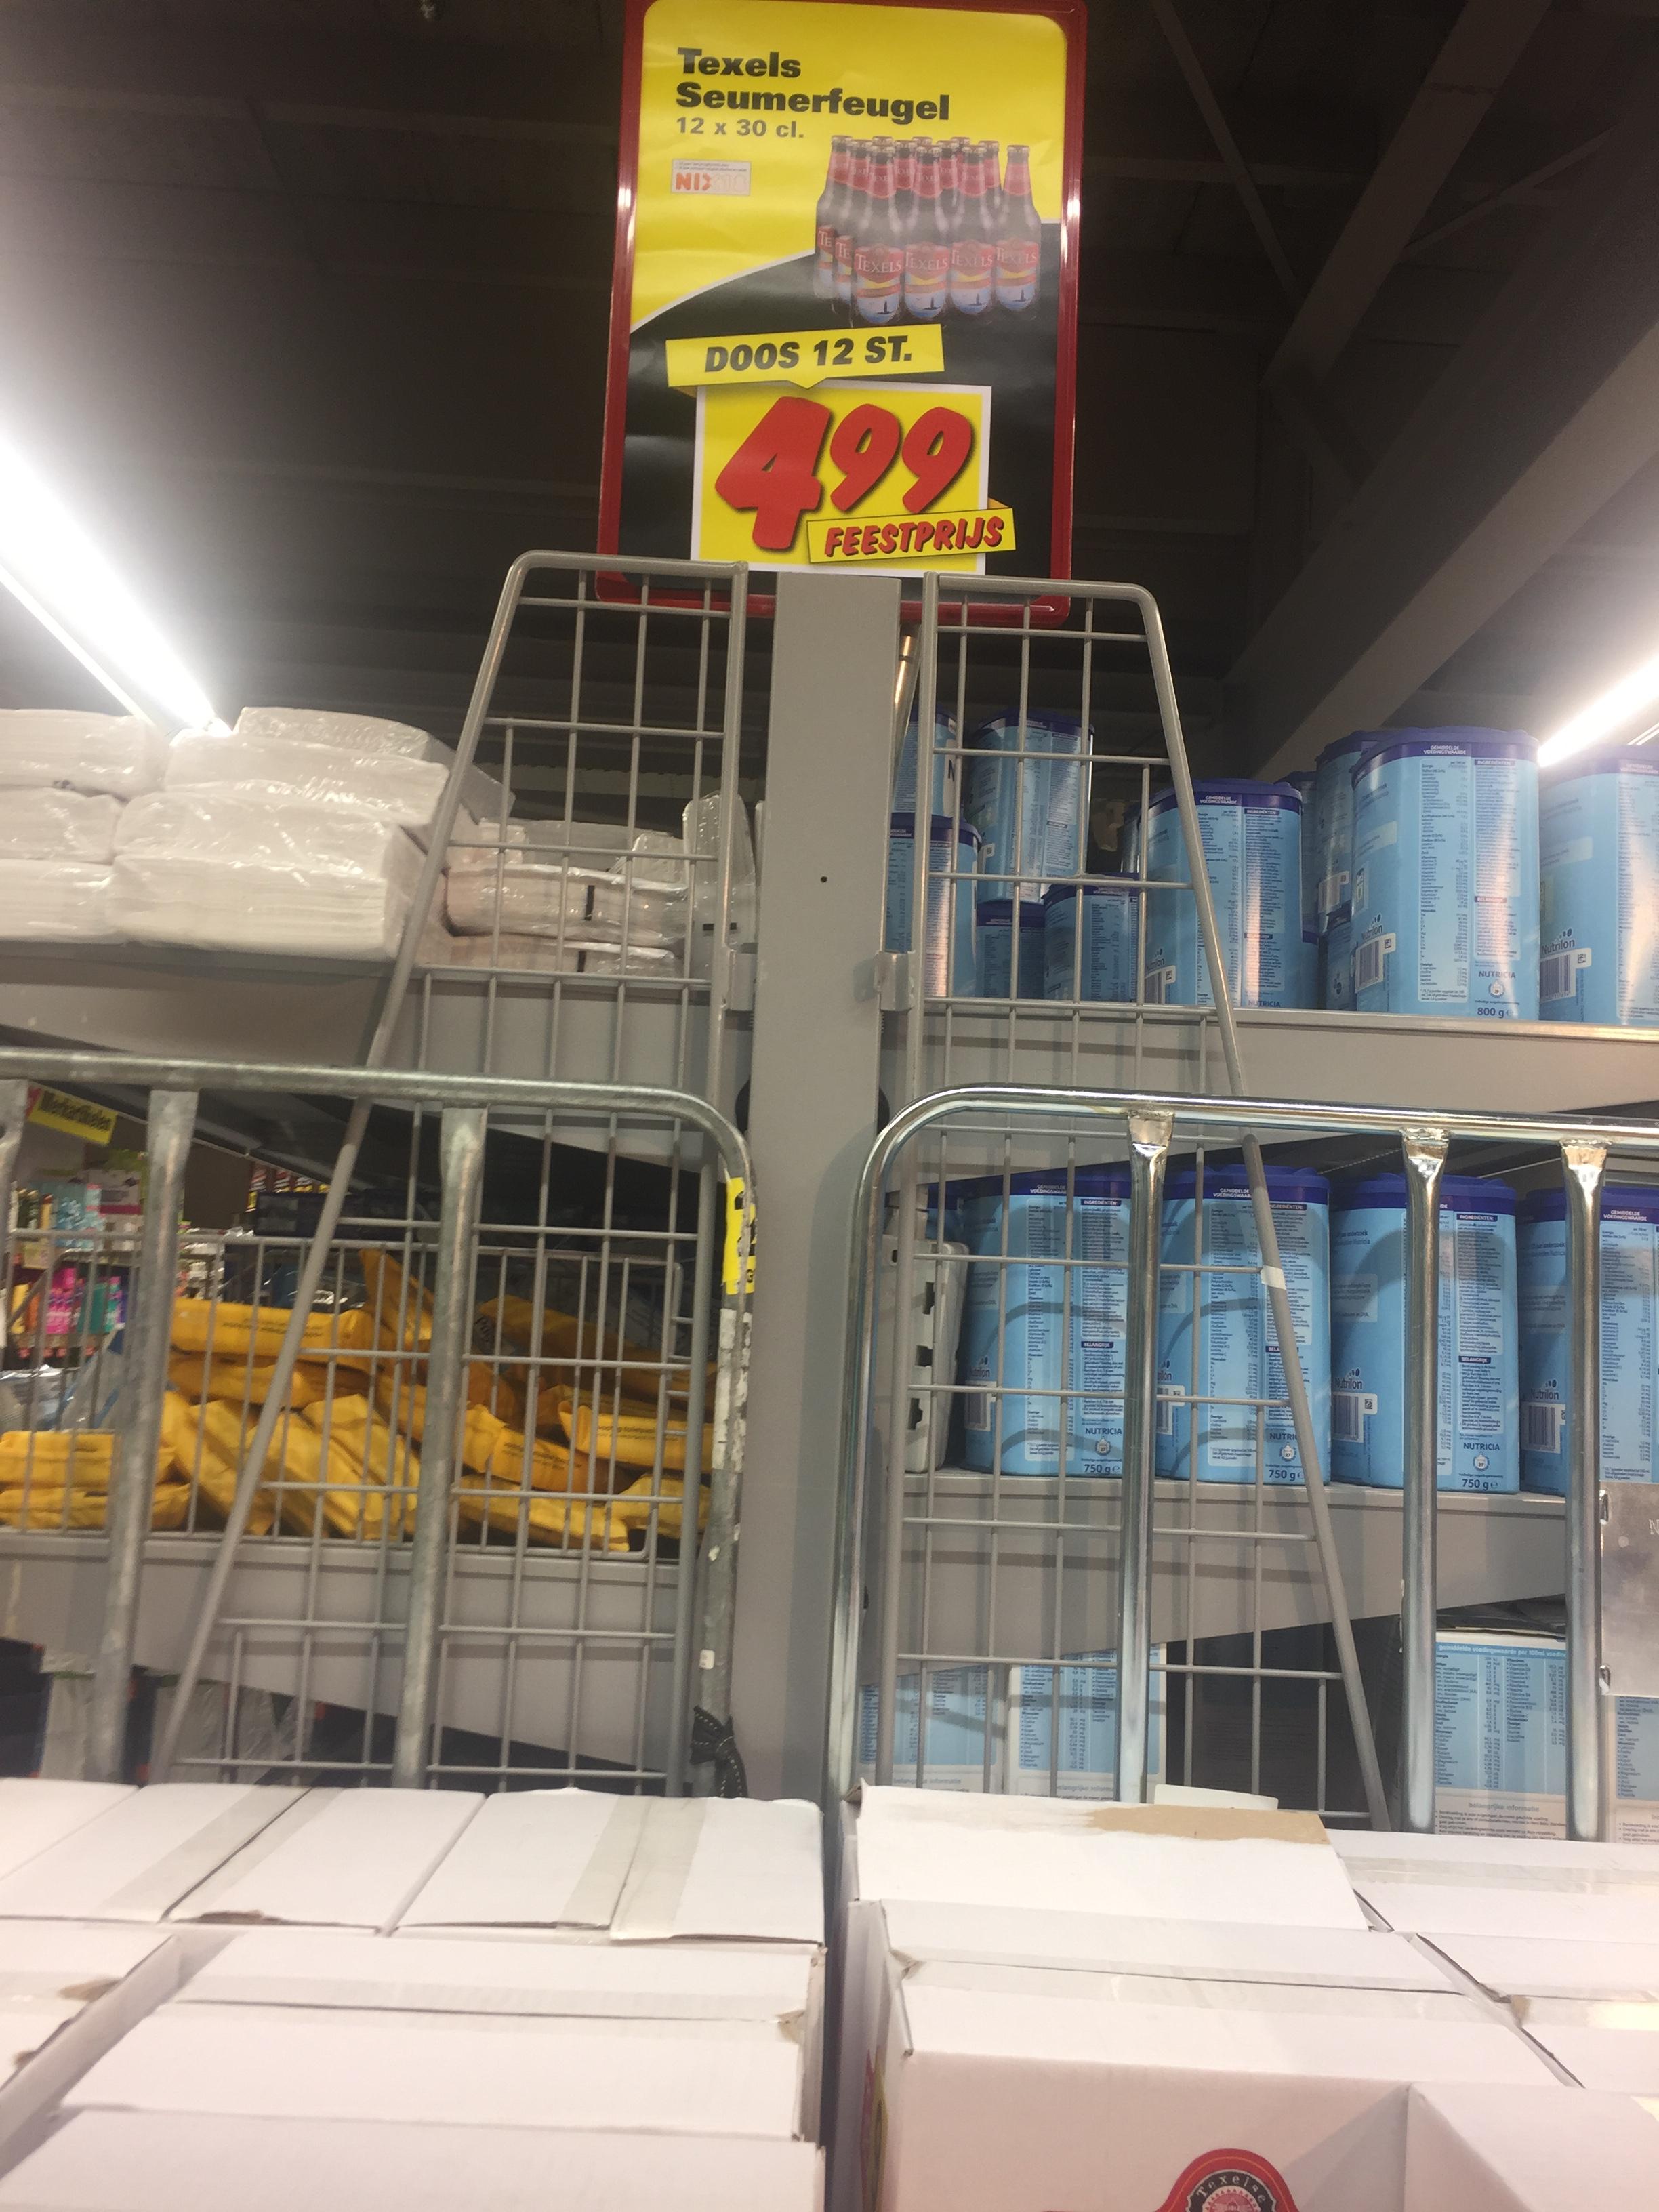 Texels seumerfeugel 12x0,33cl